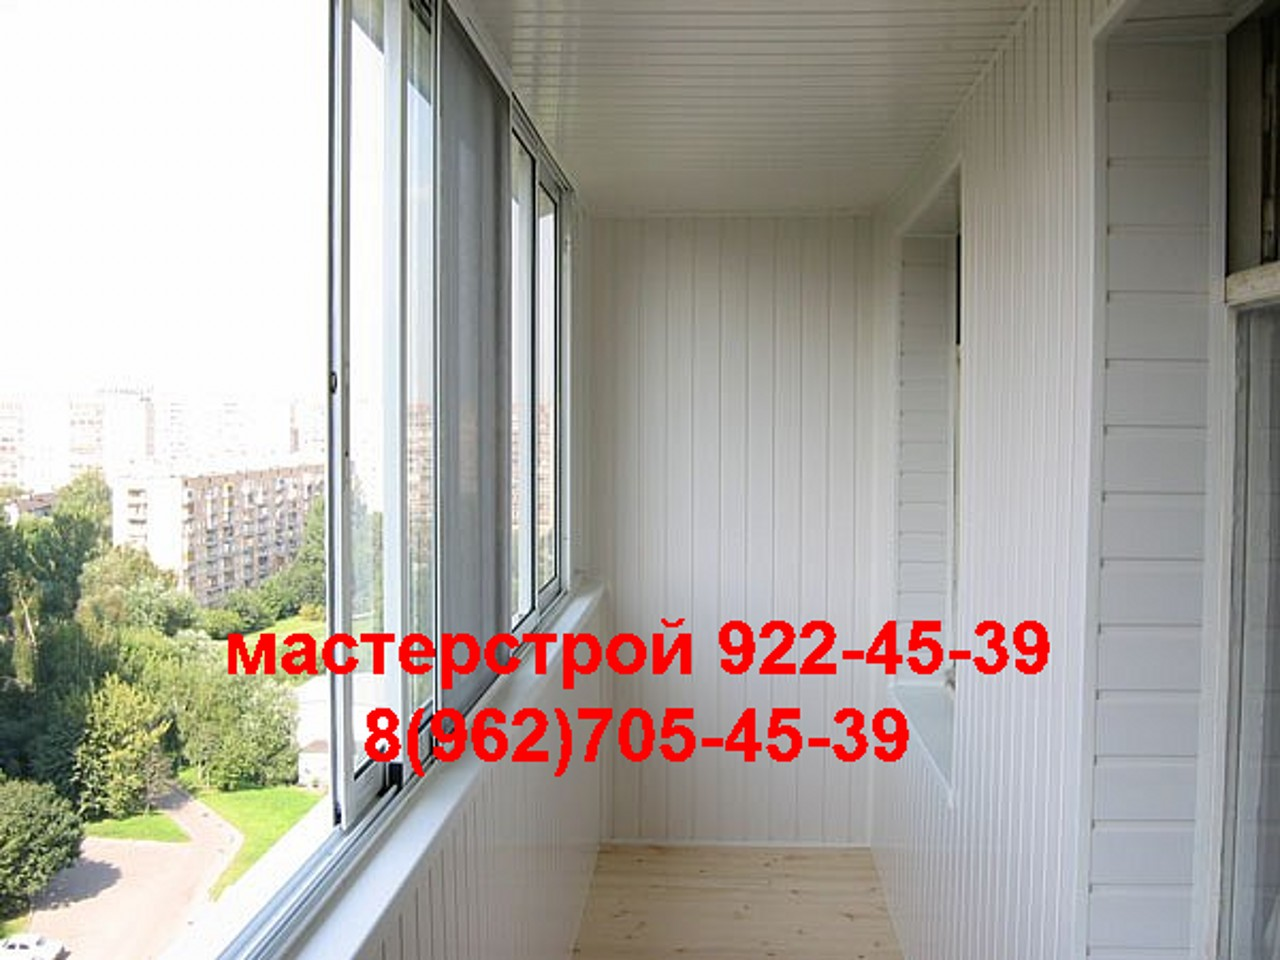 Балкон под ключ в санкт-петербурге цена фото.